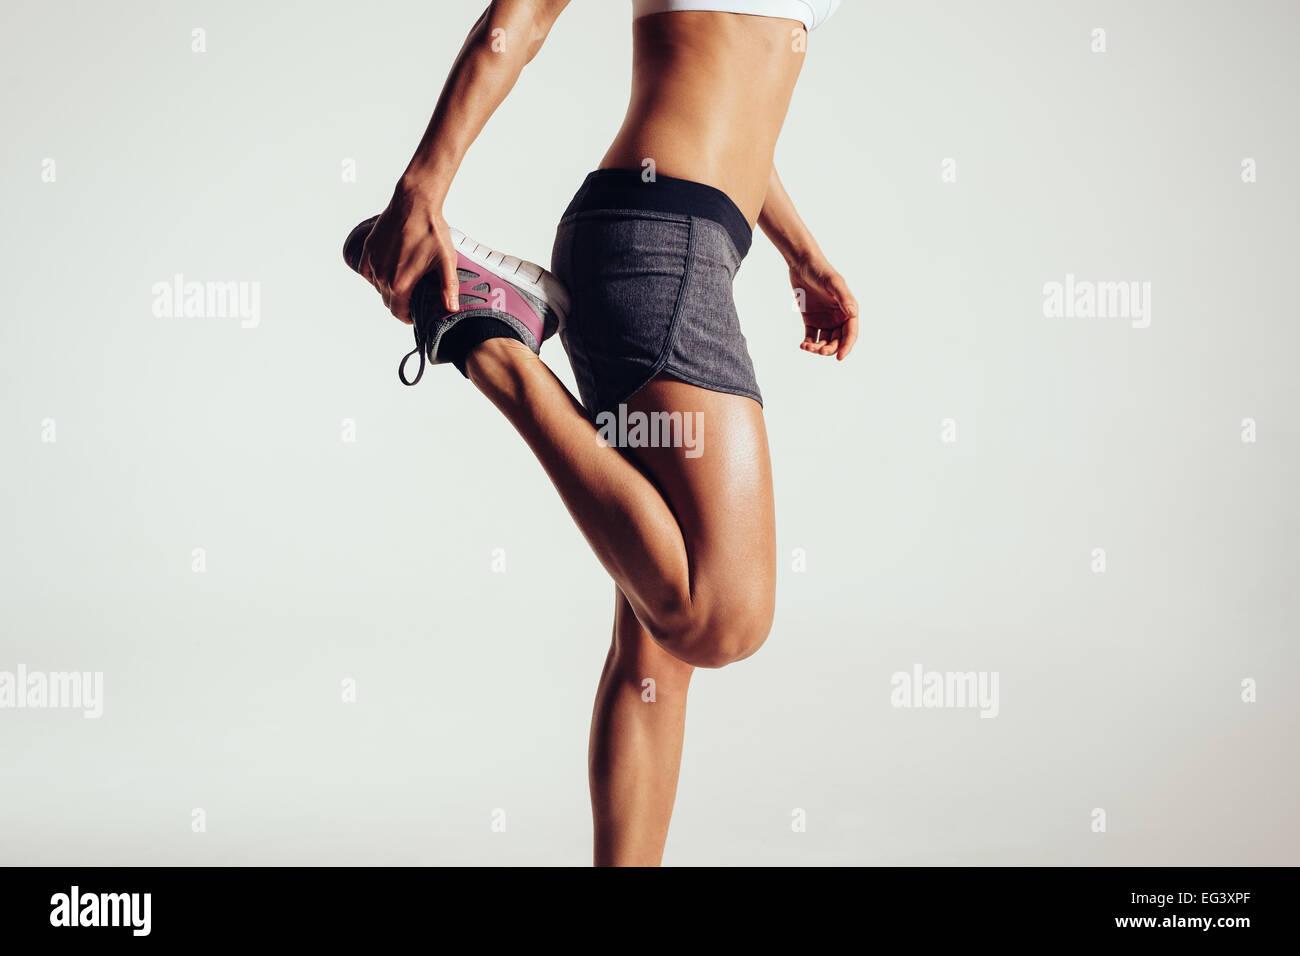 Bild einer Fitness-Frau ihre Beine vor grauem Hintergrund abgeschnitten.  Passen Sie weibliche Läufer Strecken Stockbild